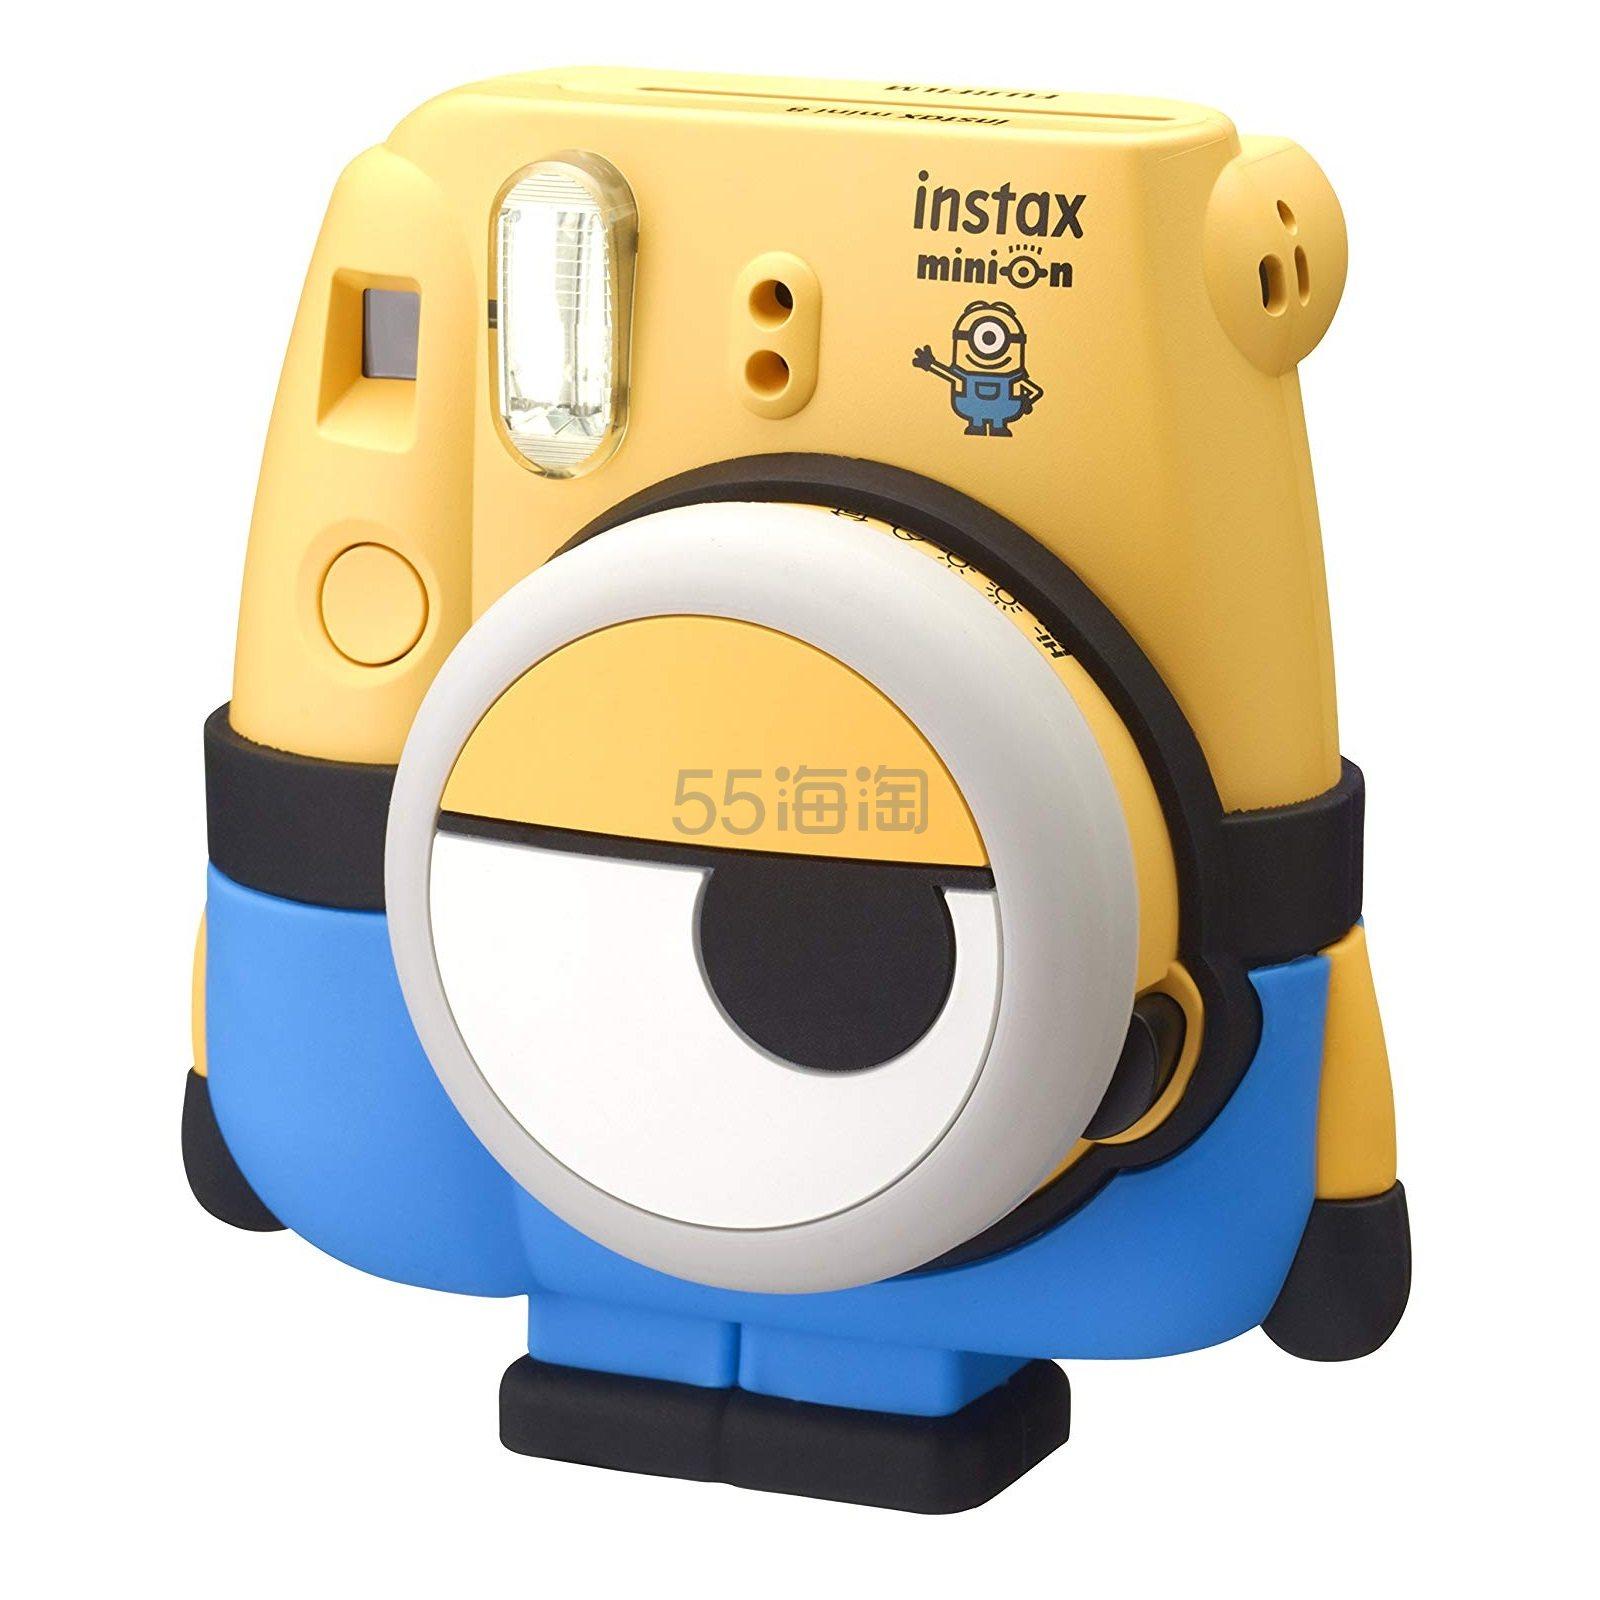 【中亚Prime会员】Fujifilm 富士 Instax 小黄人拍立得相机 到手价526元 - 海淘优惠海淘折扣|55海淘网